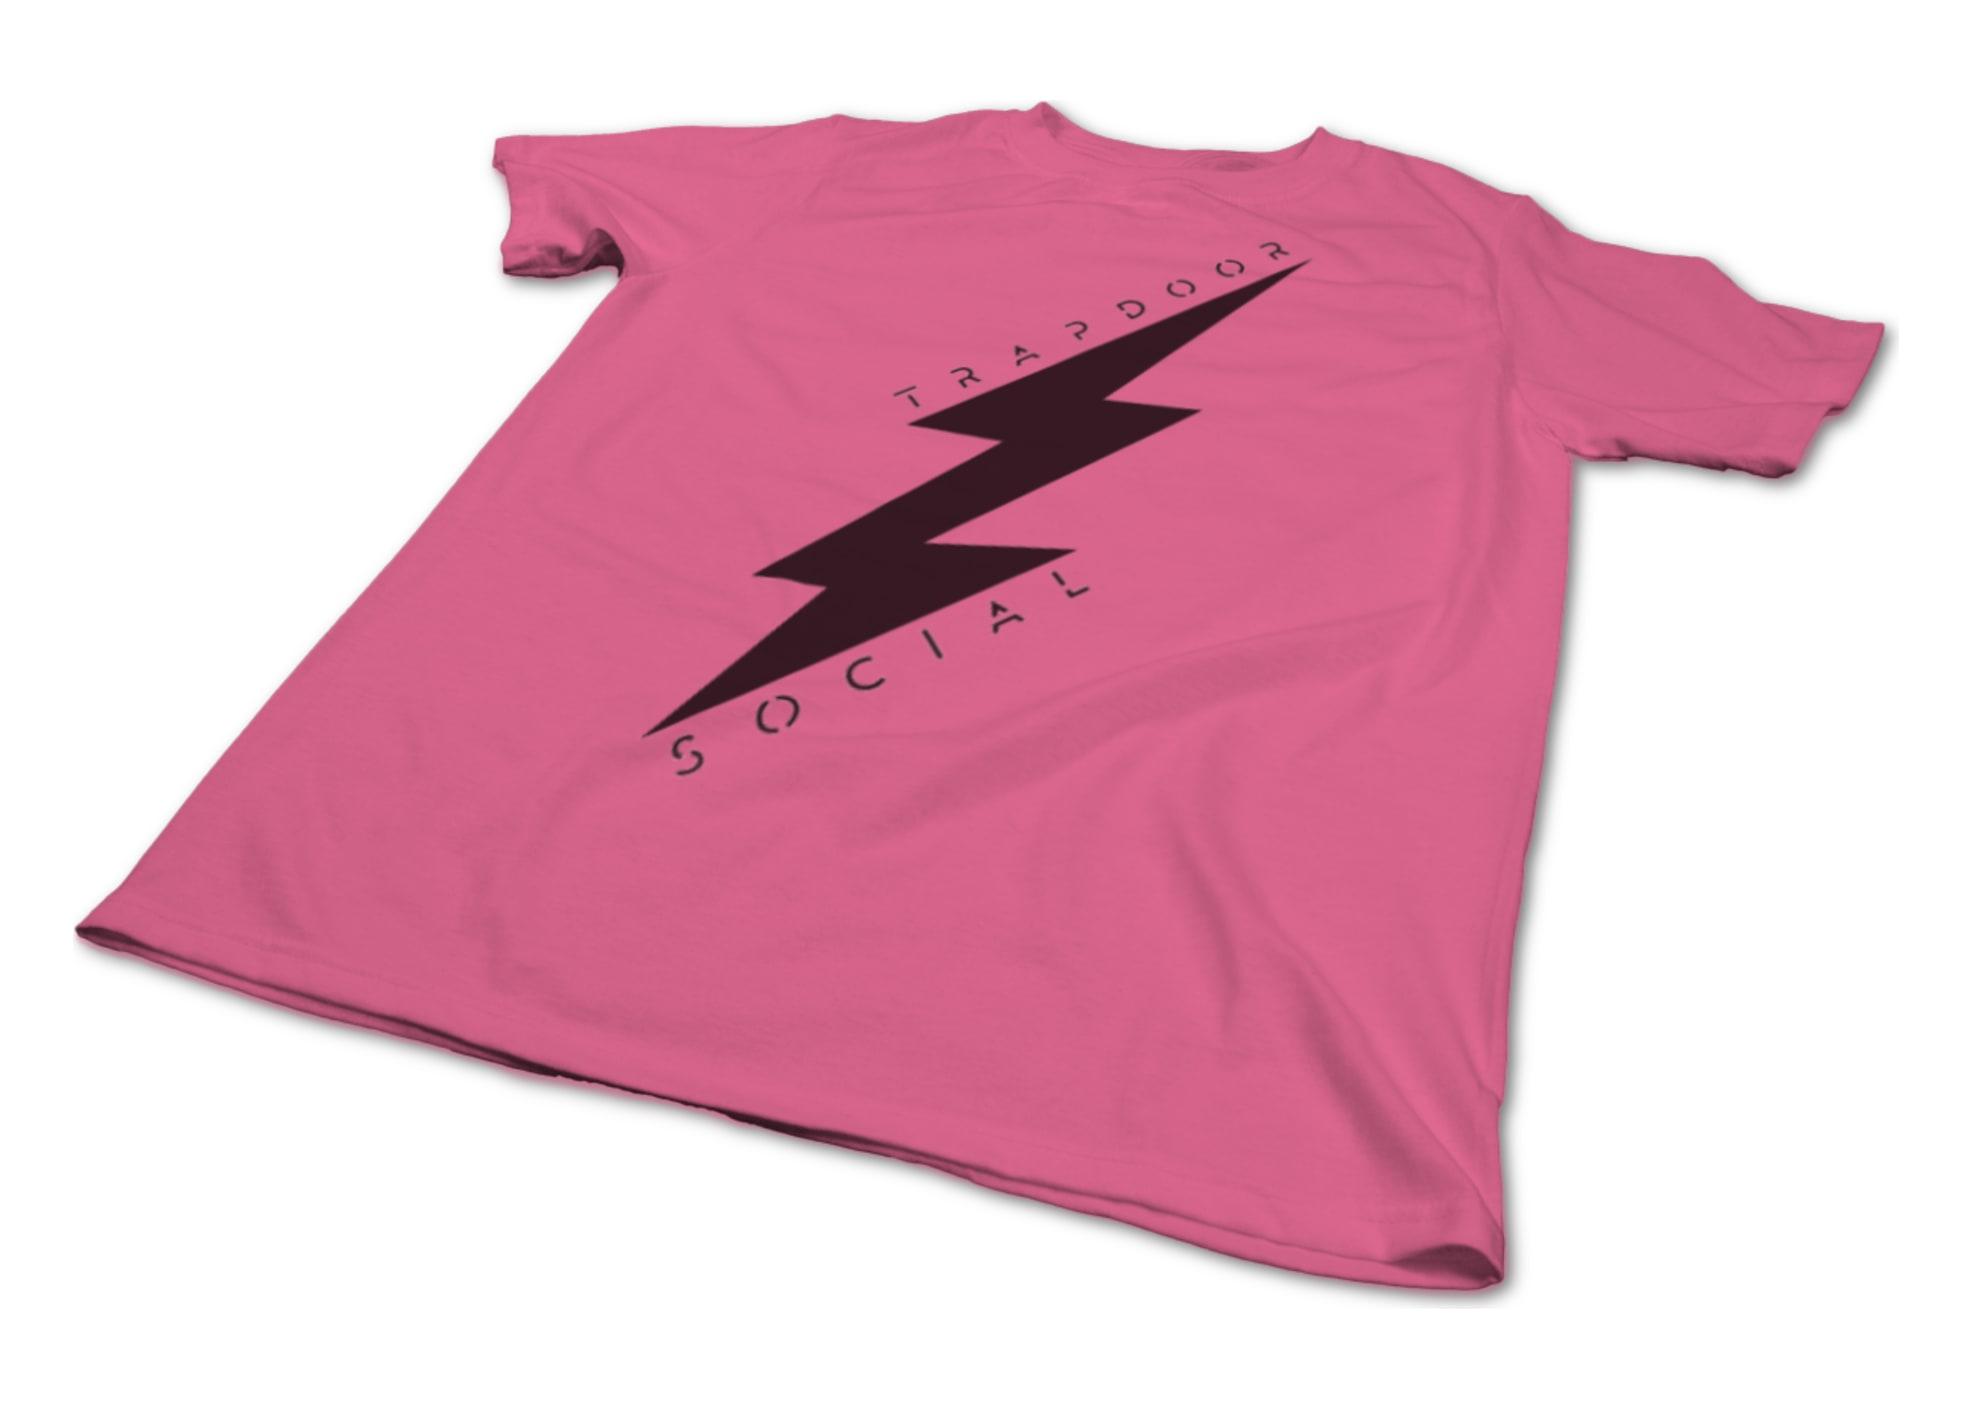 Trapdoor social lightning bolt   pink black 1476752770